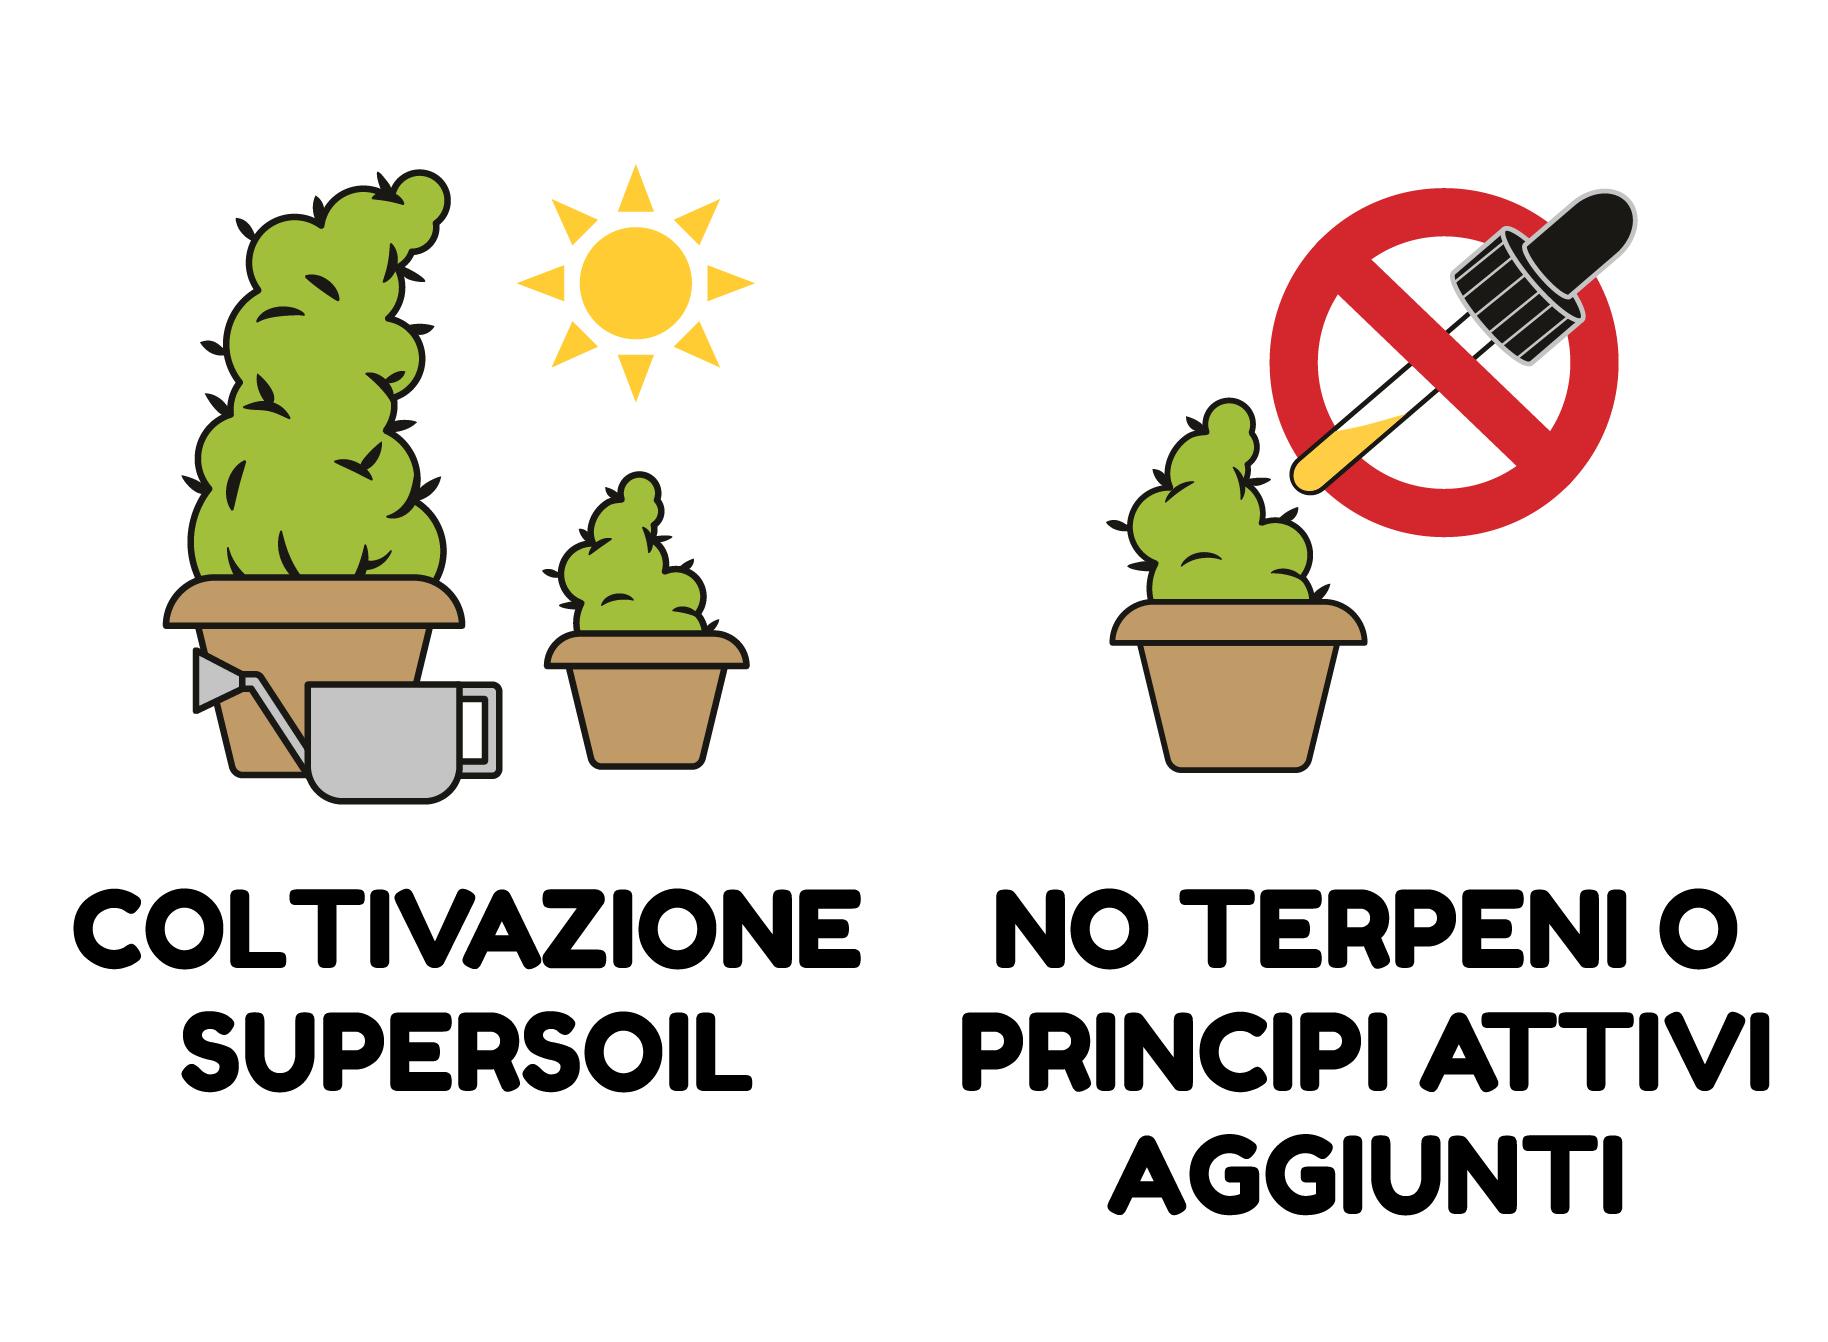 COLTIVAZIONE SUPERSOIL - NO TERPENI O PRINCIPI ATTIVI AGGIUNTI